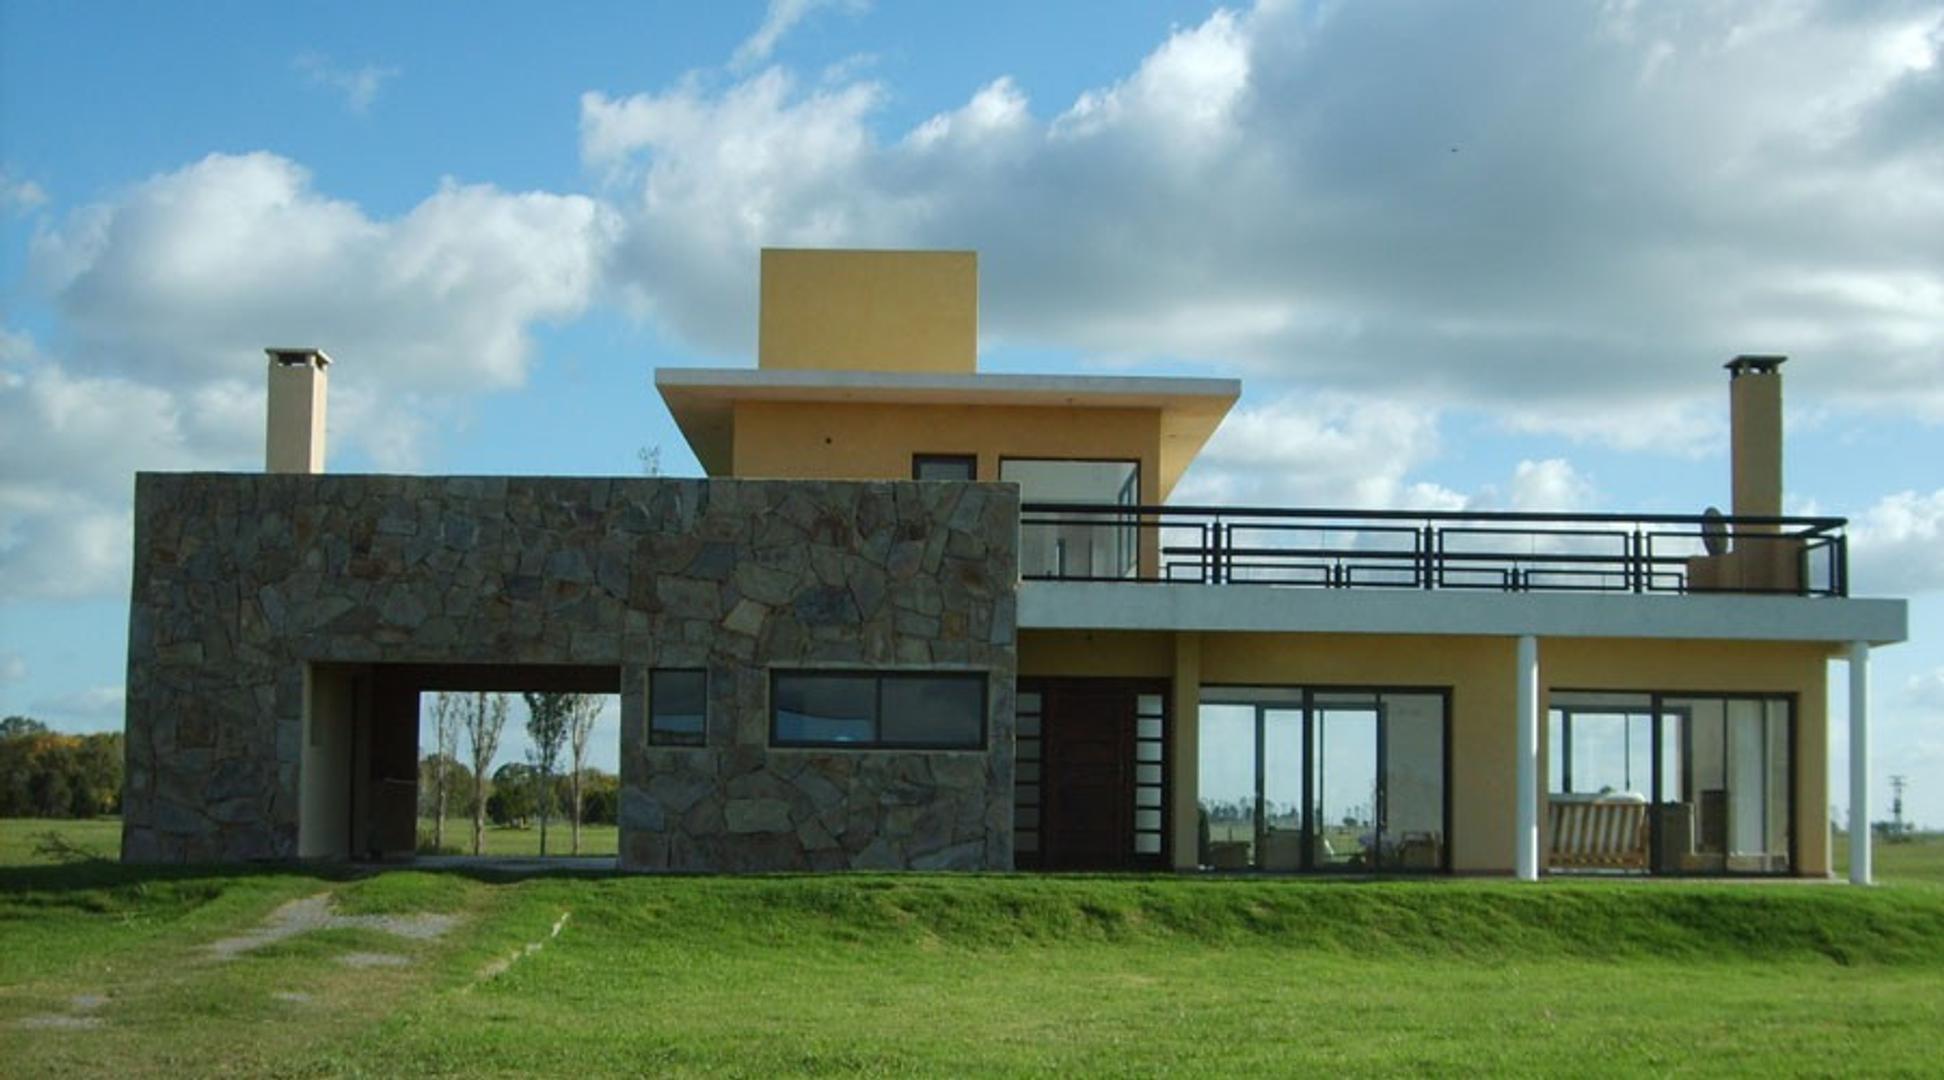 XINTEL(MDG-MDG-57) Casa - Venta - Argentina, Chascomús - Camino de Circunvalación Laguna de Chasc...